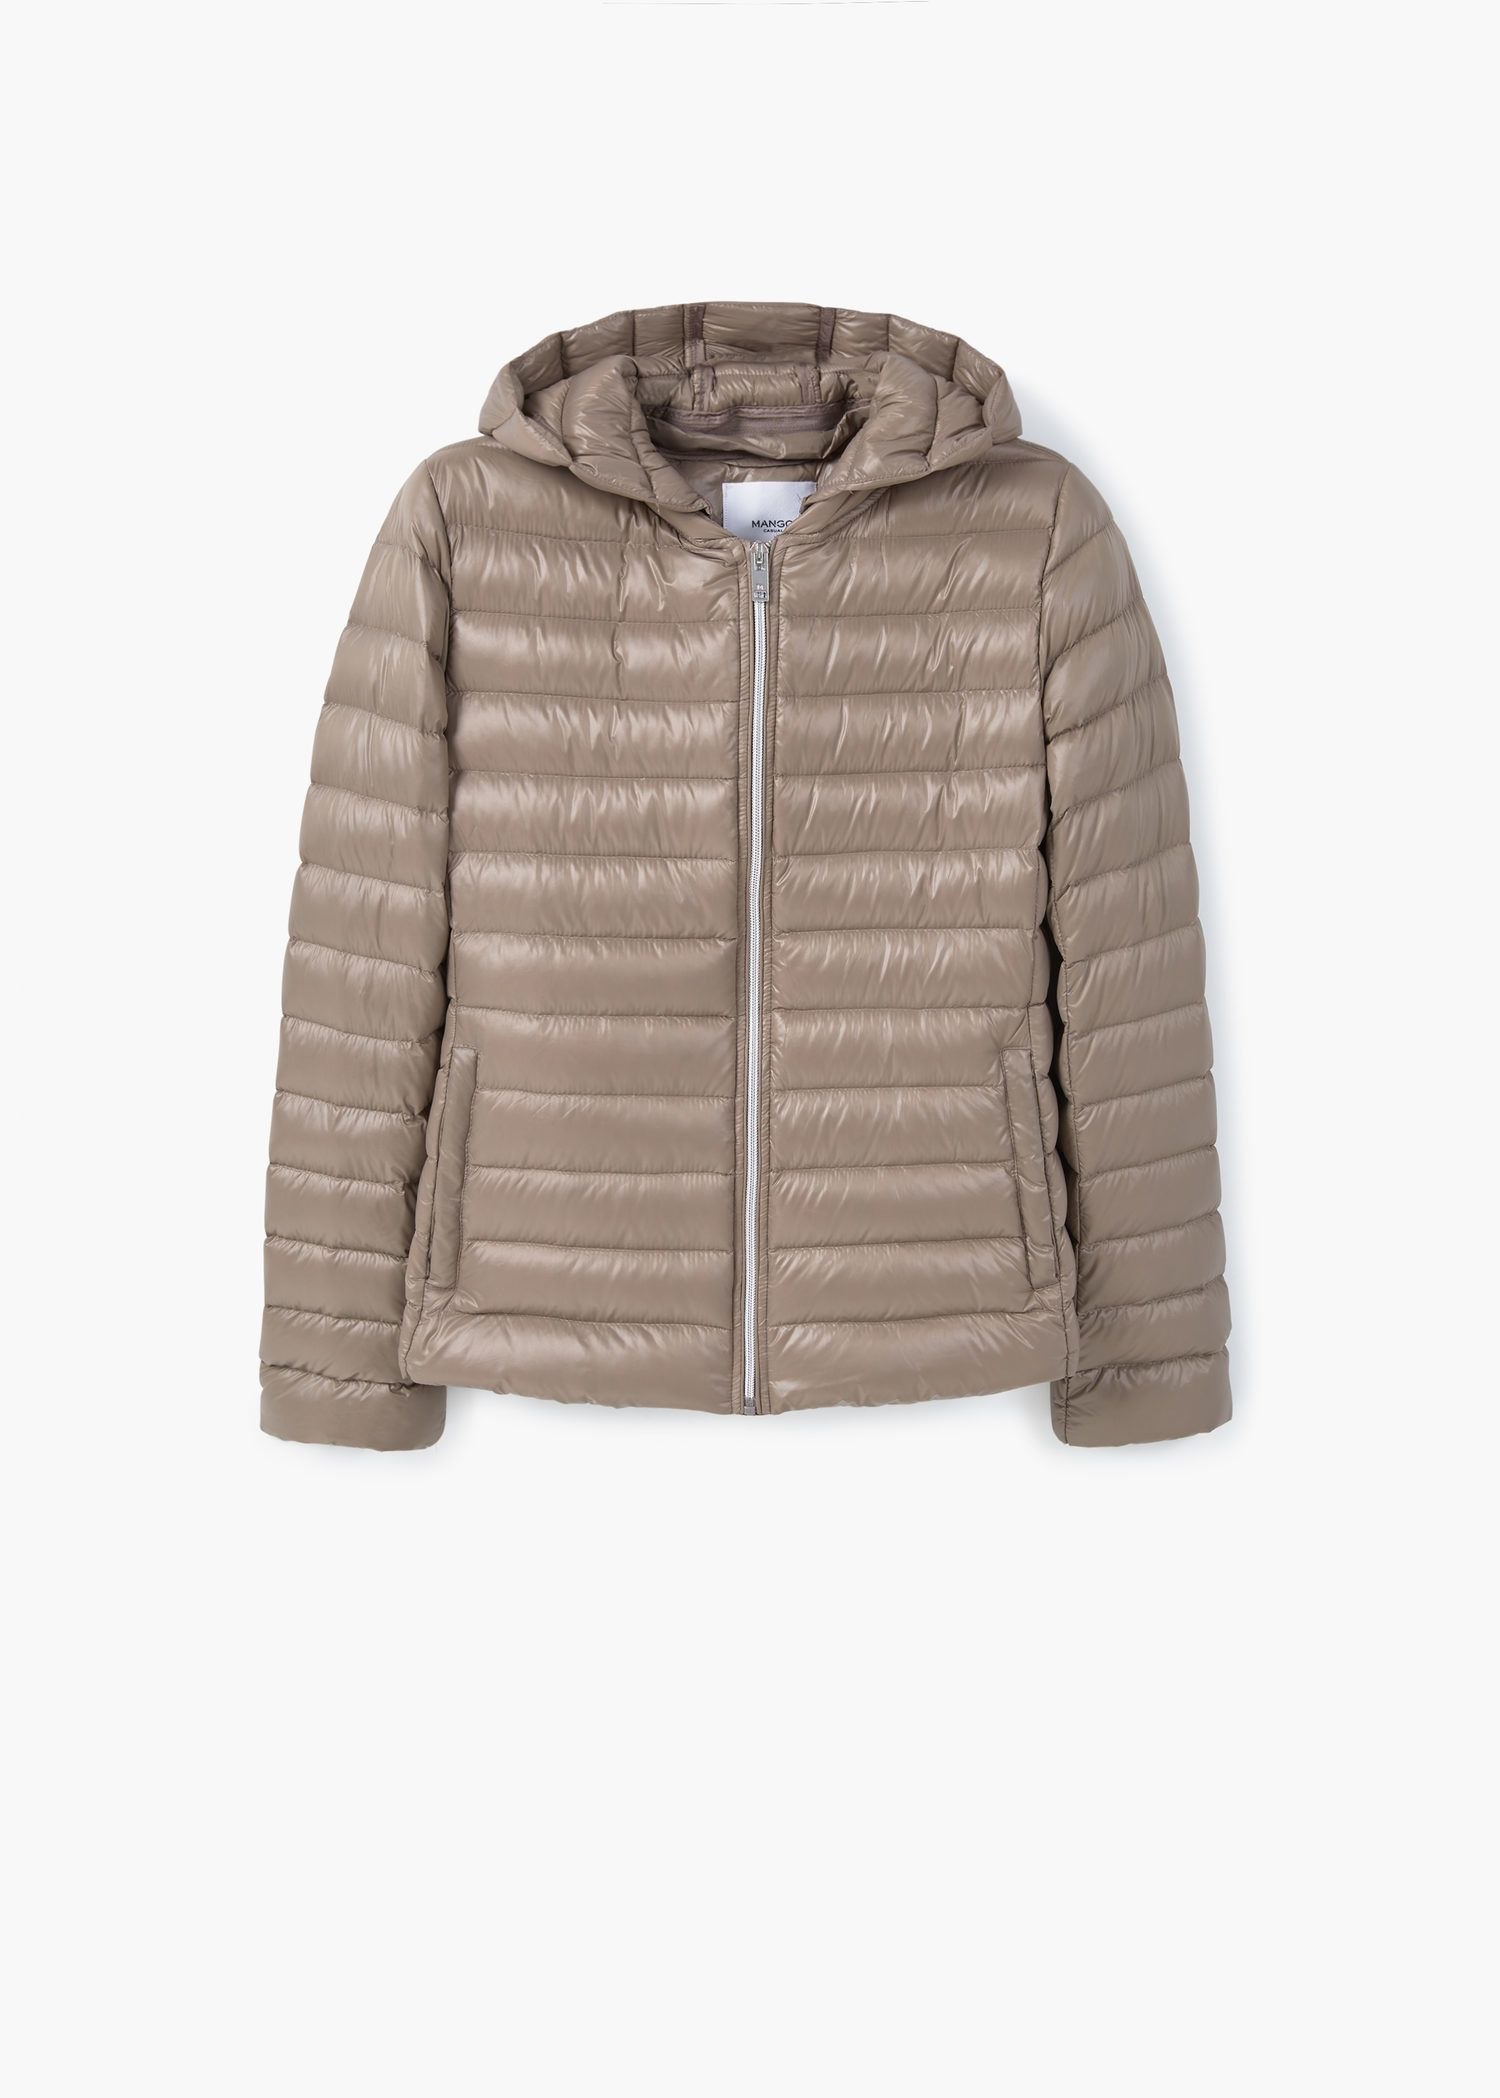 finest selection bded0 50b5d Piumino 100 grammi, i modelli leggeri di moda per l'inverno 2017